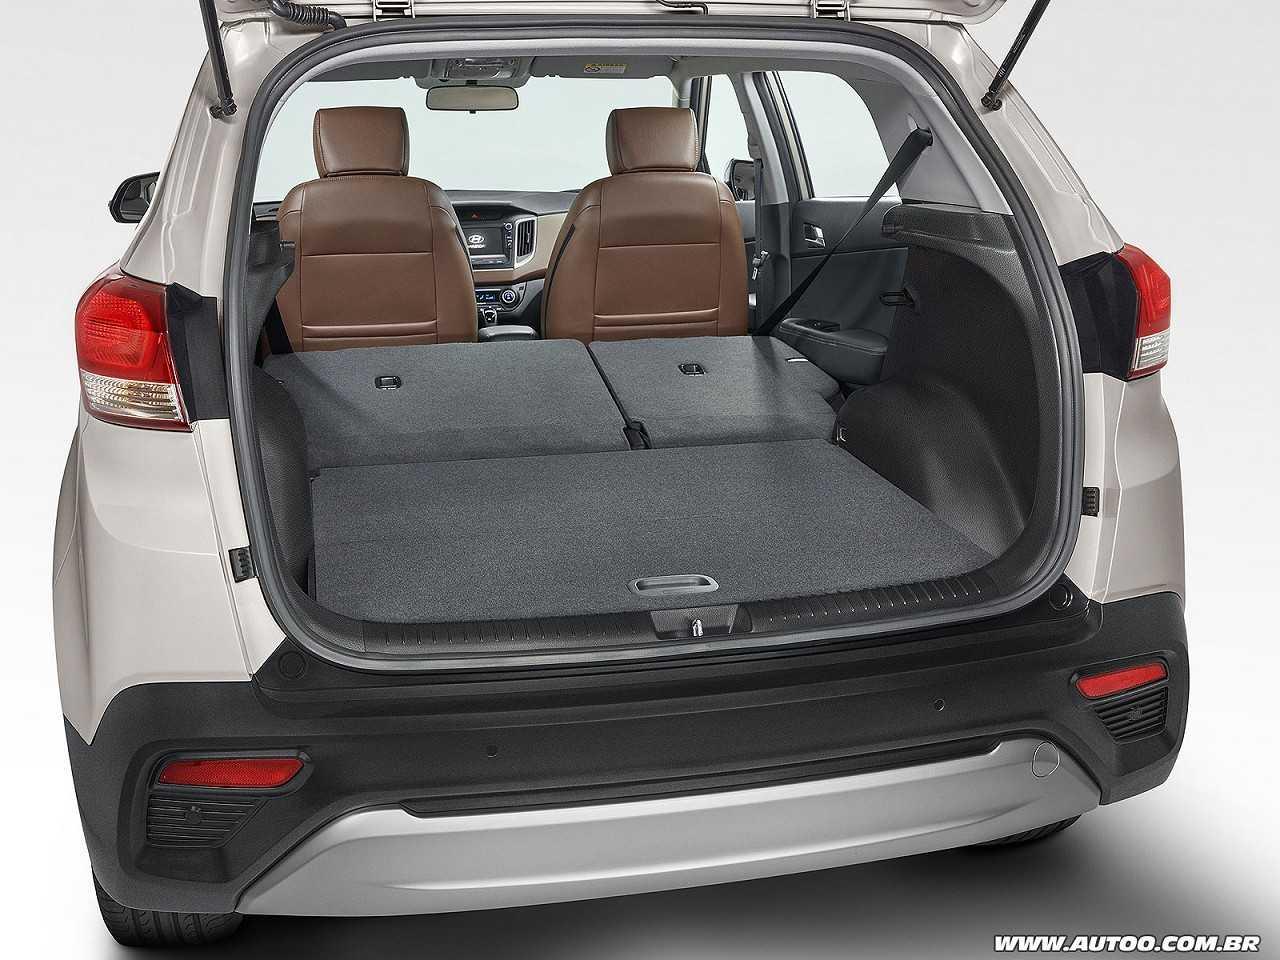 HyundaiCreta 2017 - porta-malas